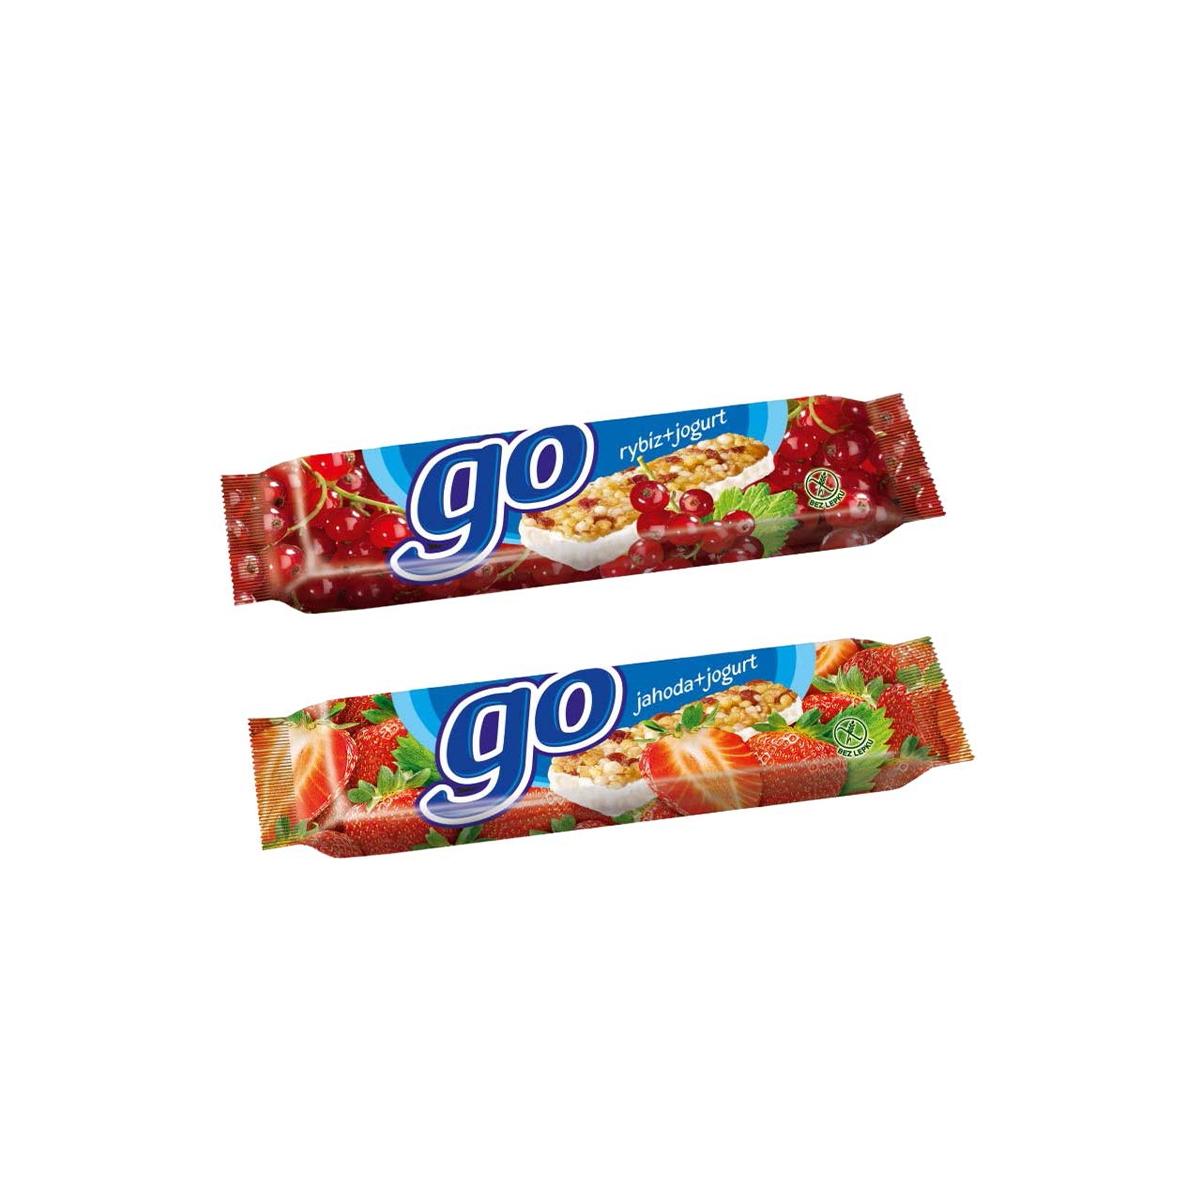 Go tyčinka rybízová v jogurtu 23 g